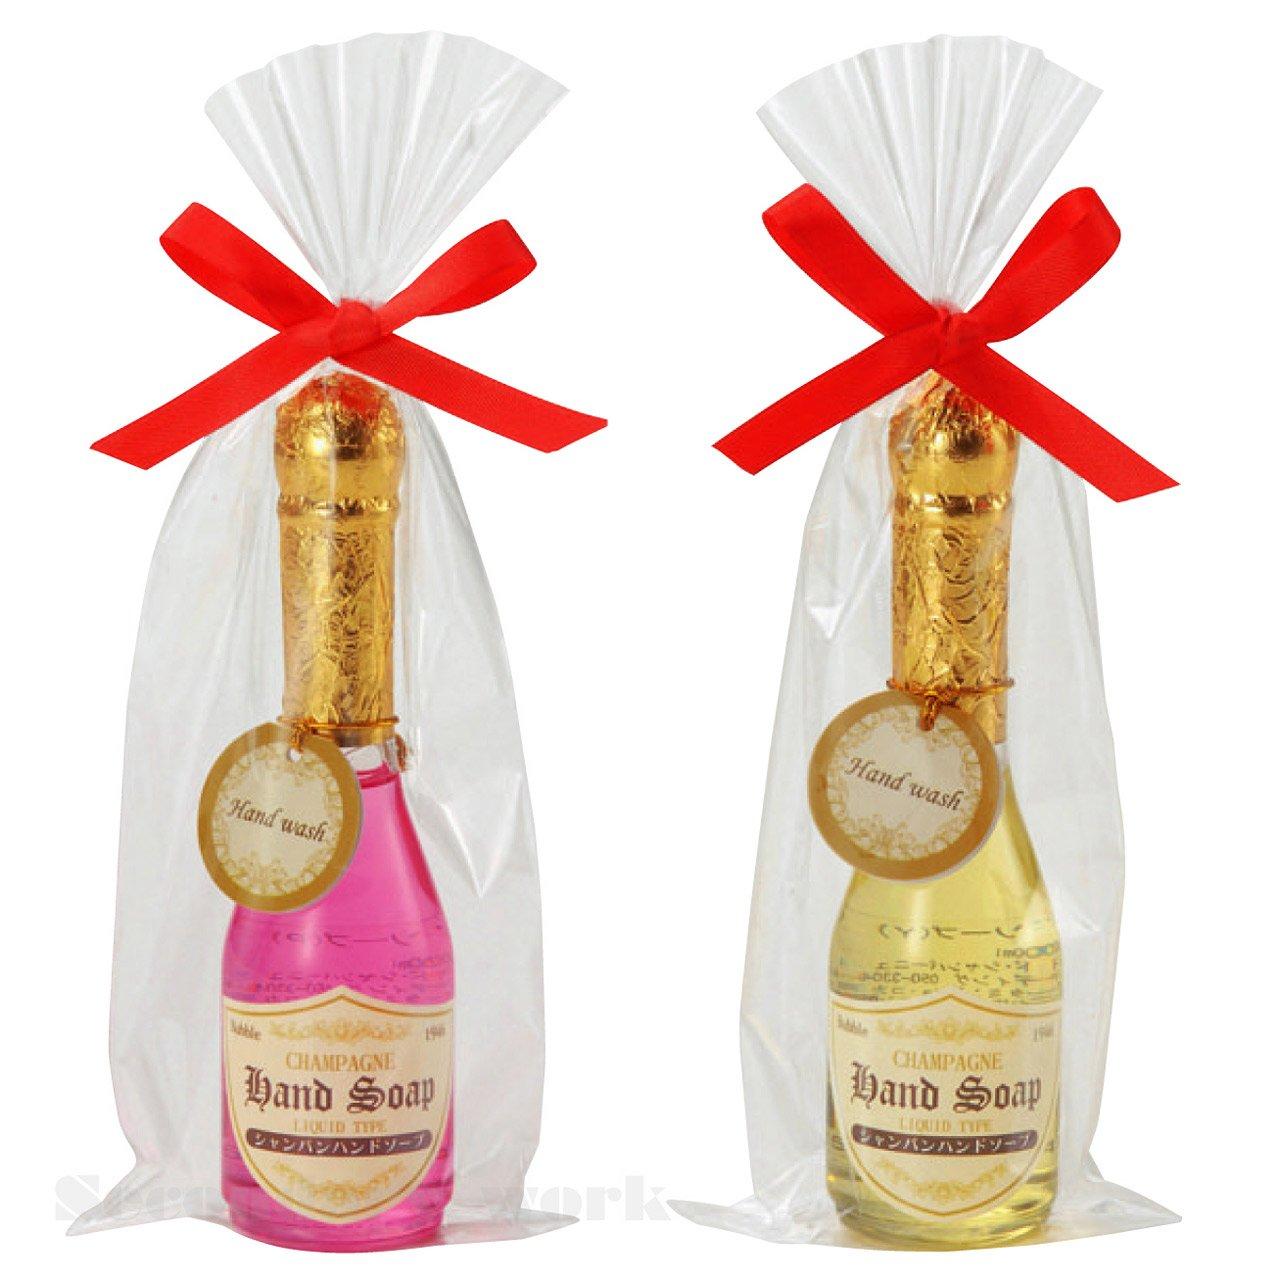 【96本セット販売(2色取混ぜ)】シャンパンハンドソープ イエローピンク2色取混ぜ B01HEO7ADE